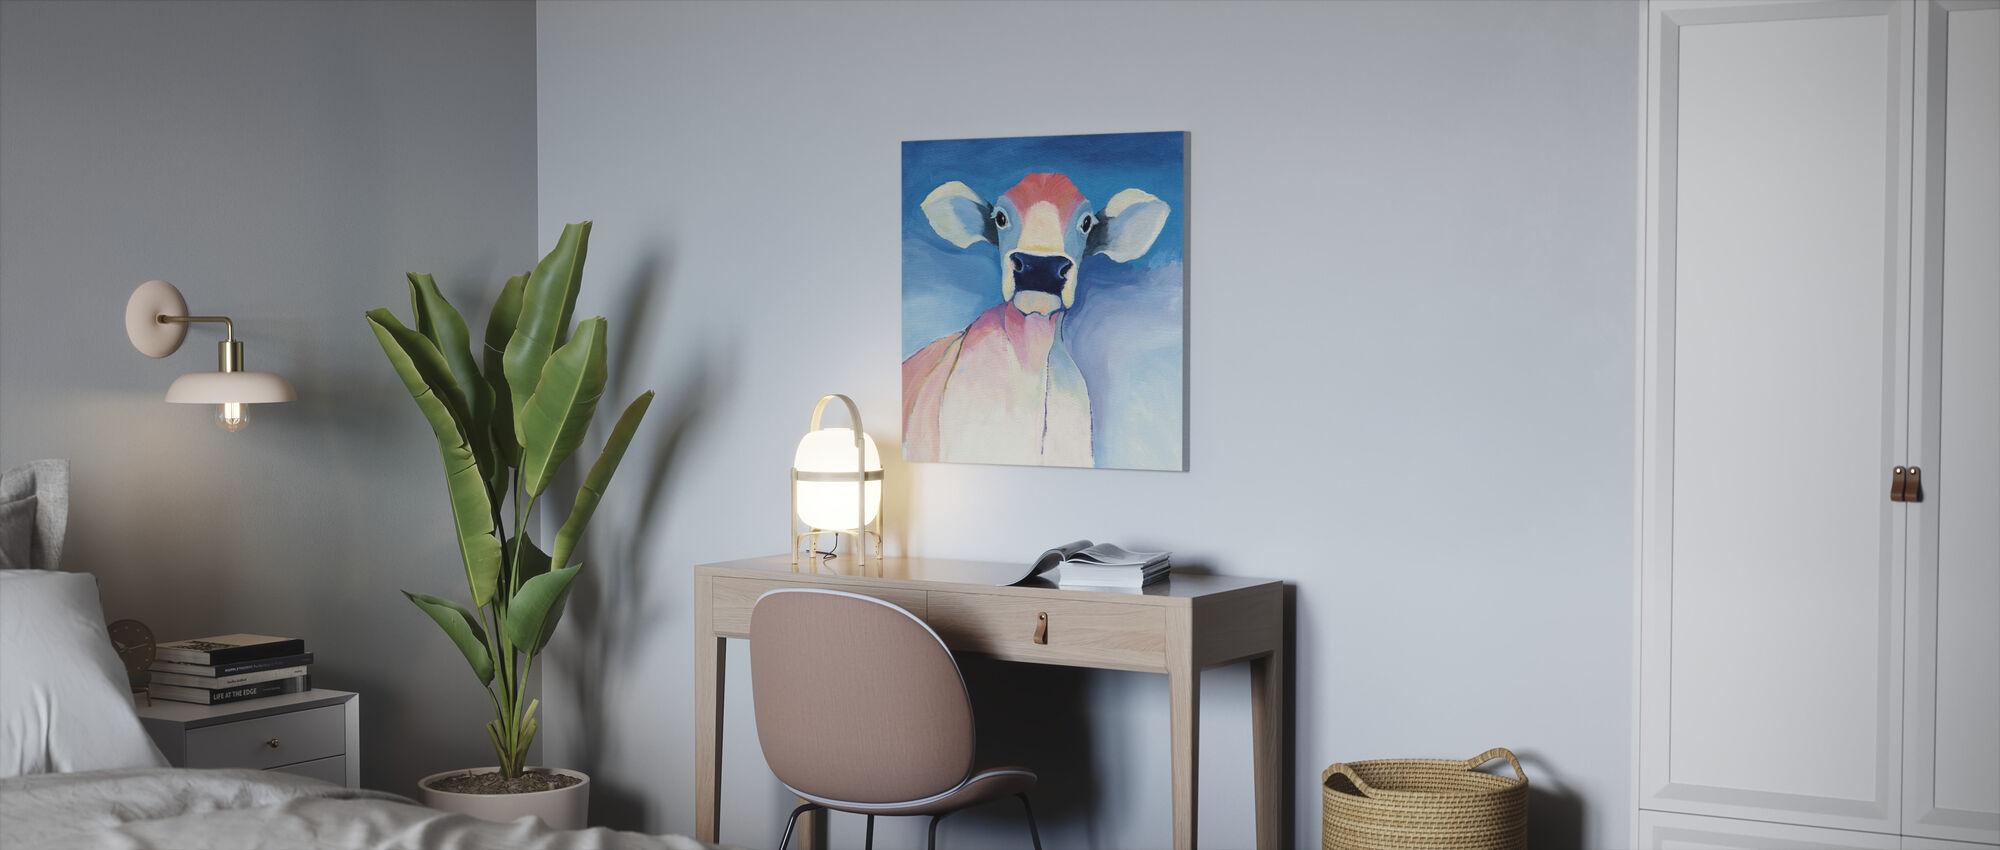 Bella Blå - Canvastavla - Kontor